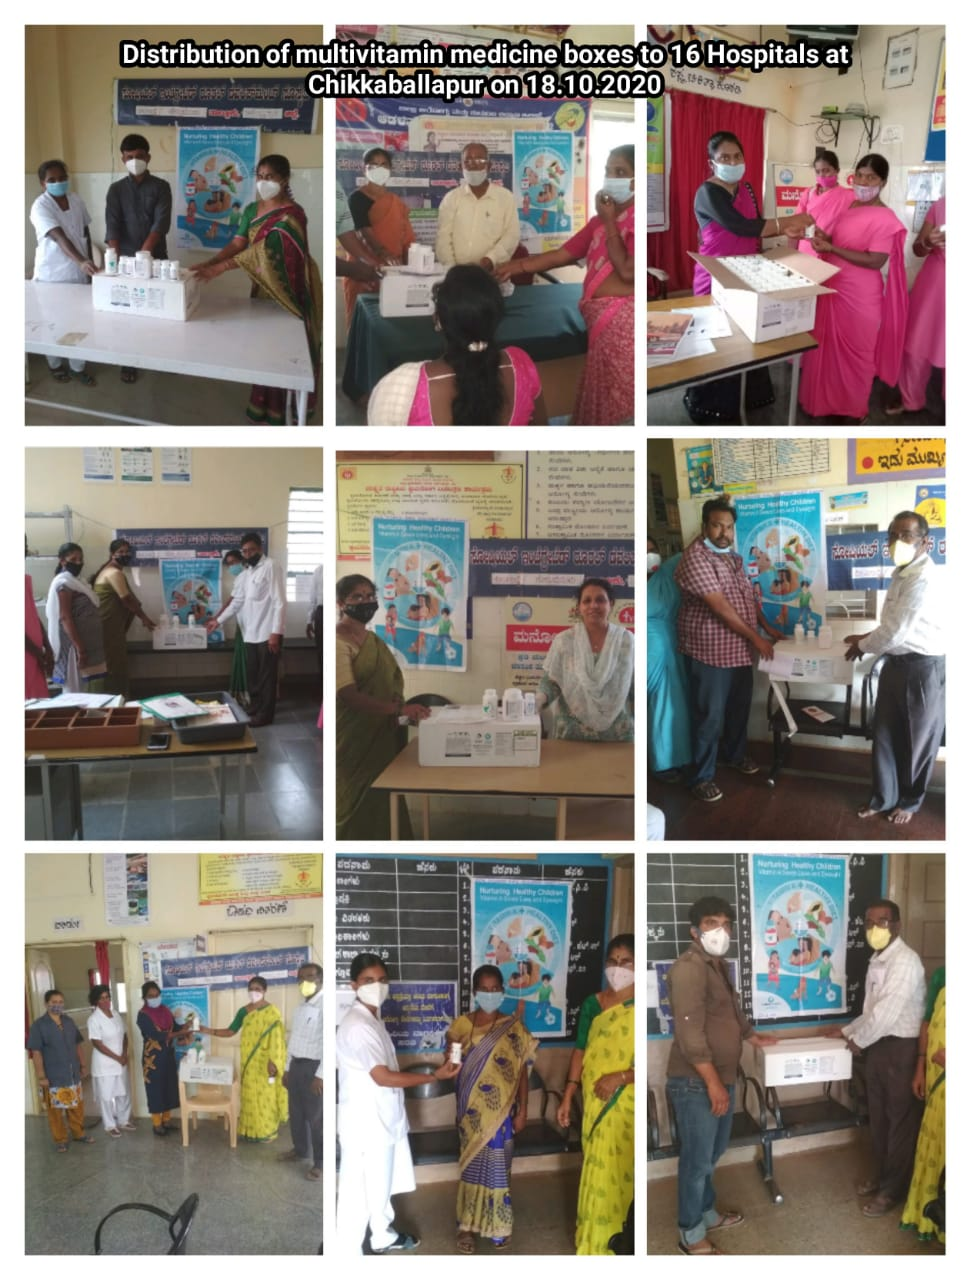 /media/sirds/1NGO-00222-SIRDS-Main_Page-Medicine_Distribution_at_Hospitals.jpeg